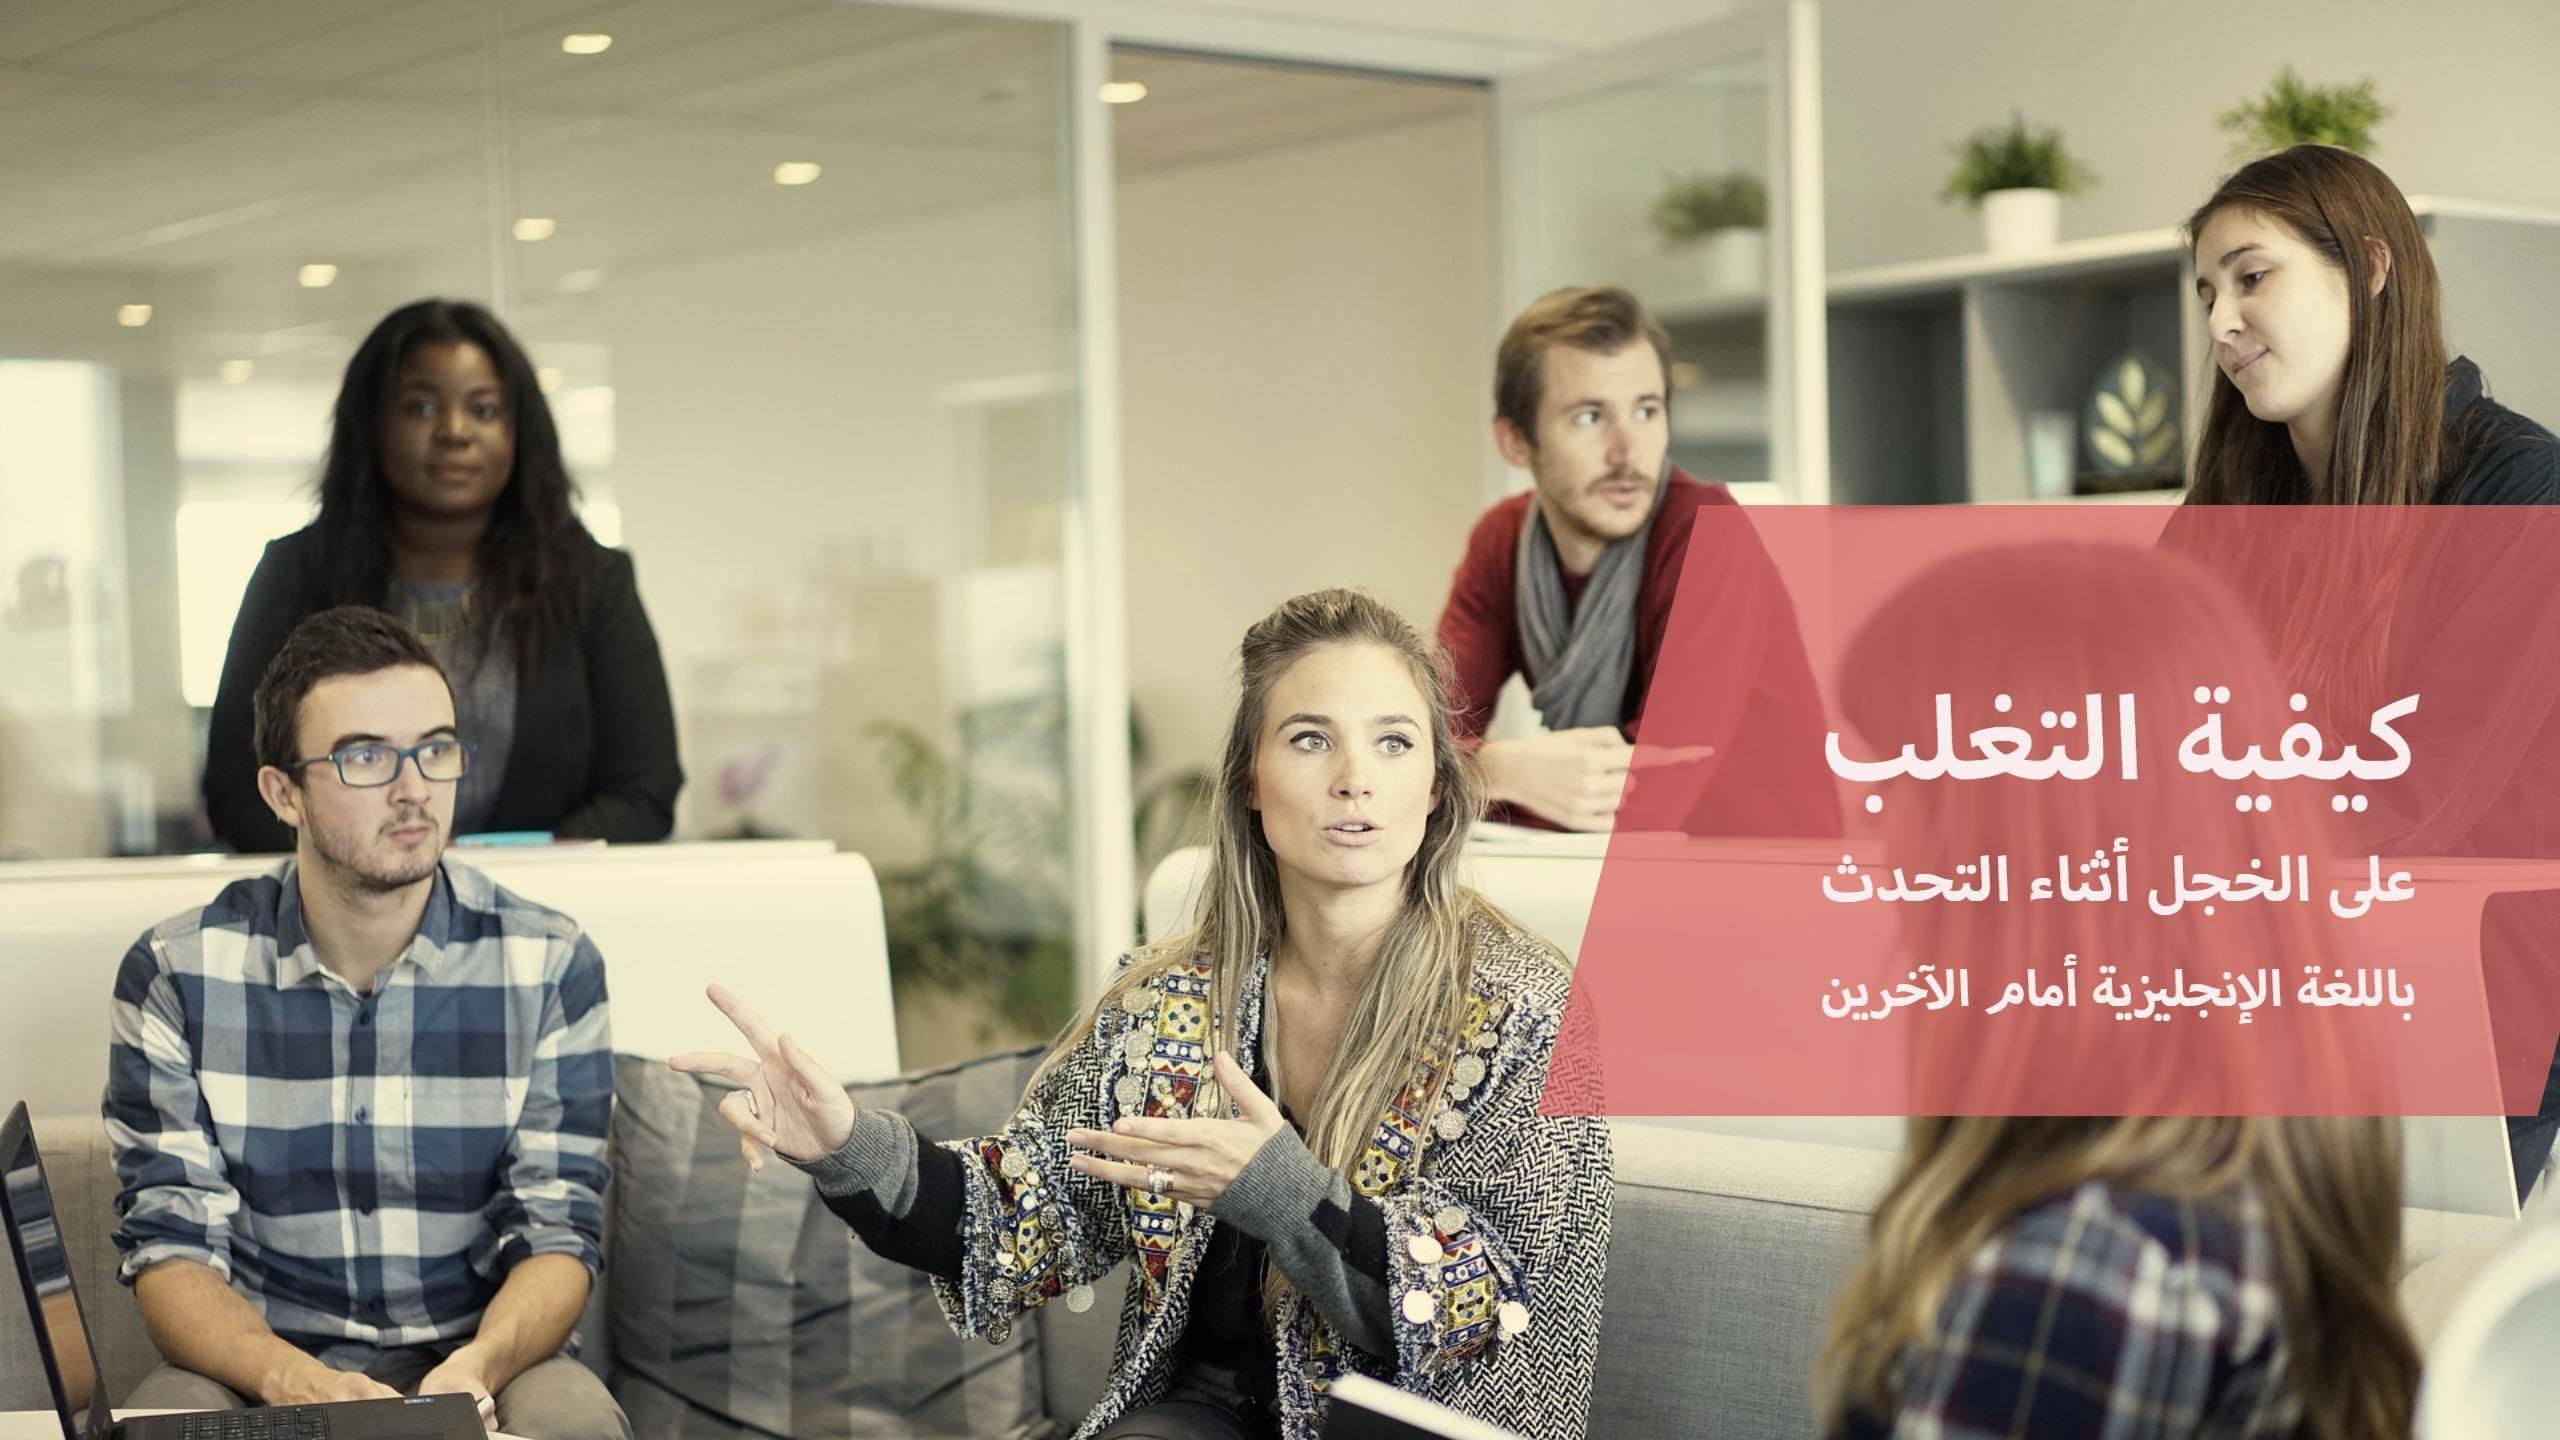 كيفية التغلب على الخوف أو الخجل الزائد أثناء التحدث باللغة الانجليزية